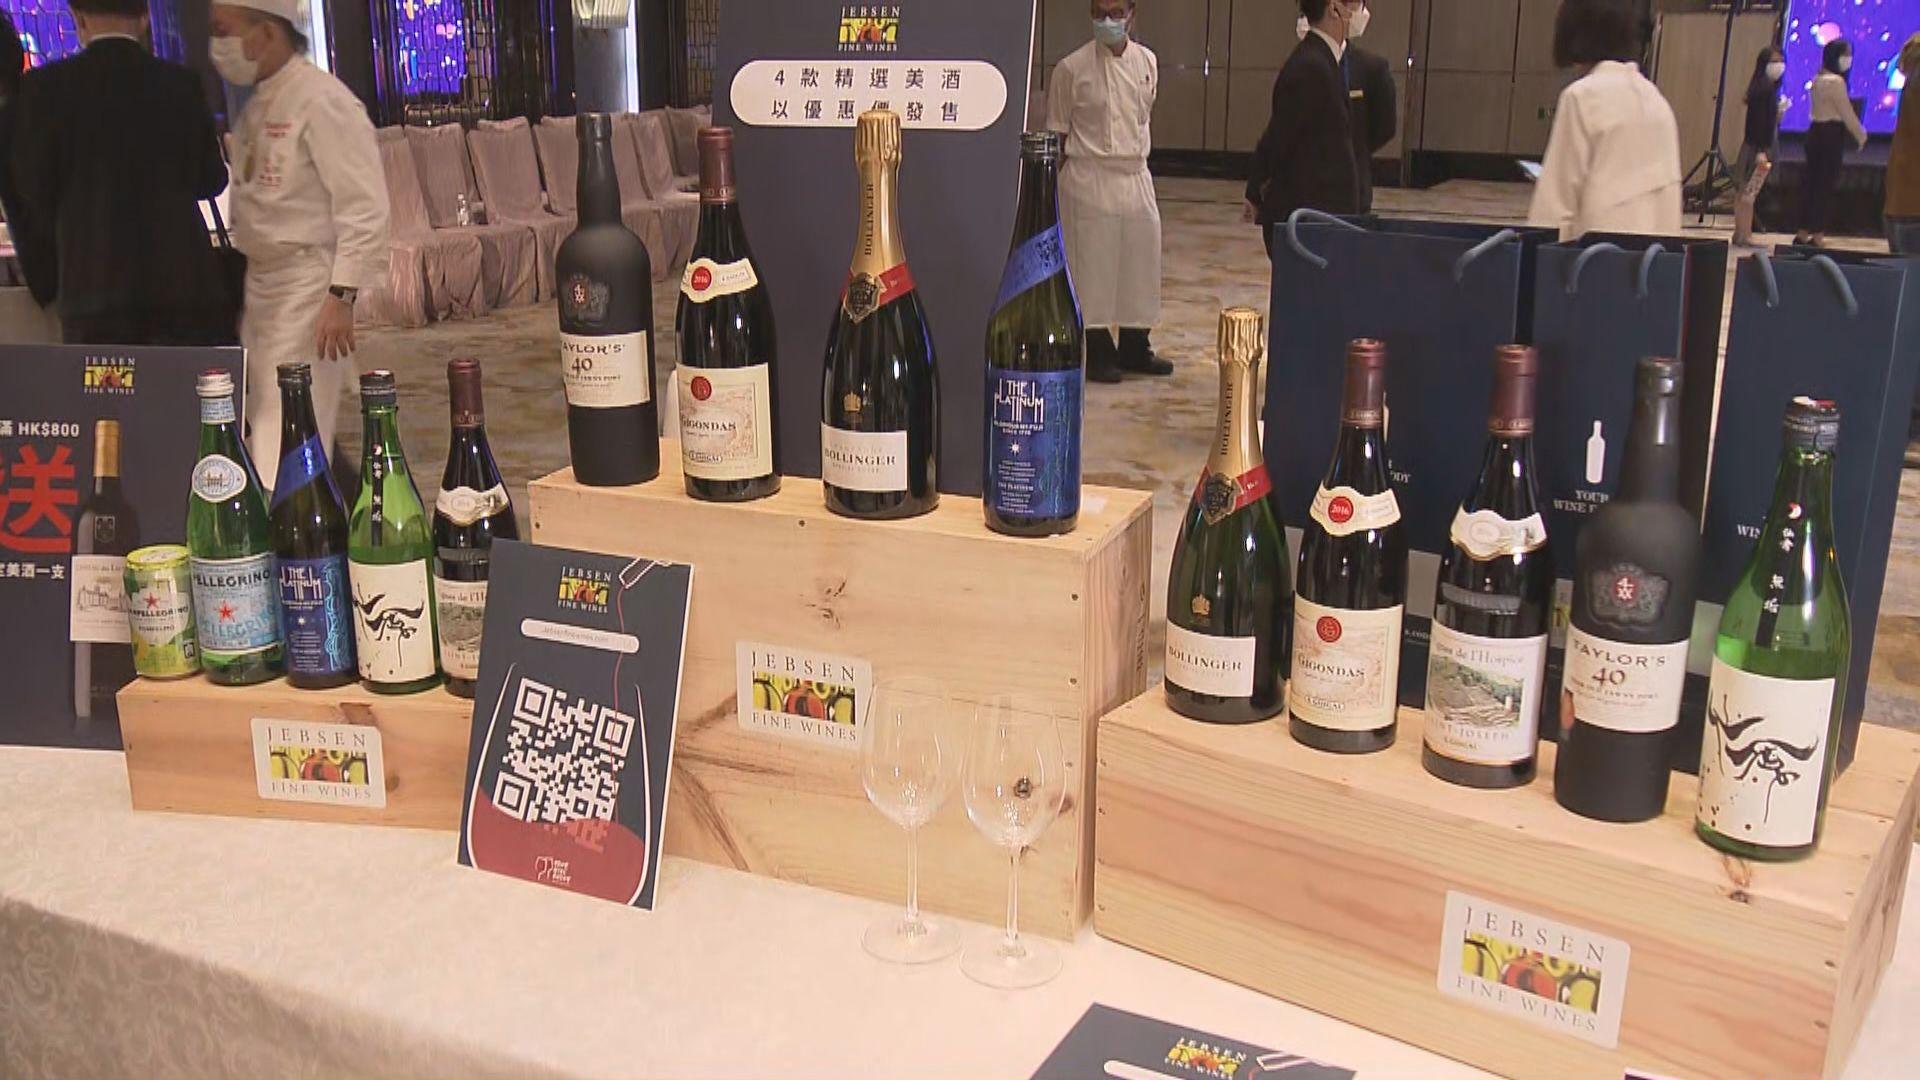 酒商受禁酒令影響生意 參加美酒佳餚節助宣傳